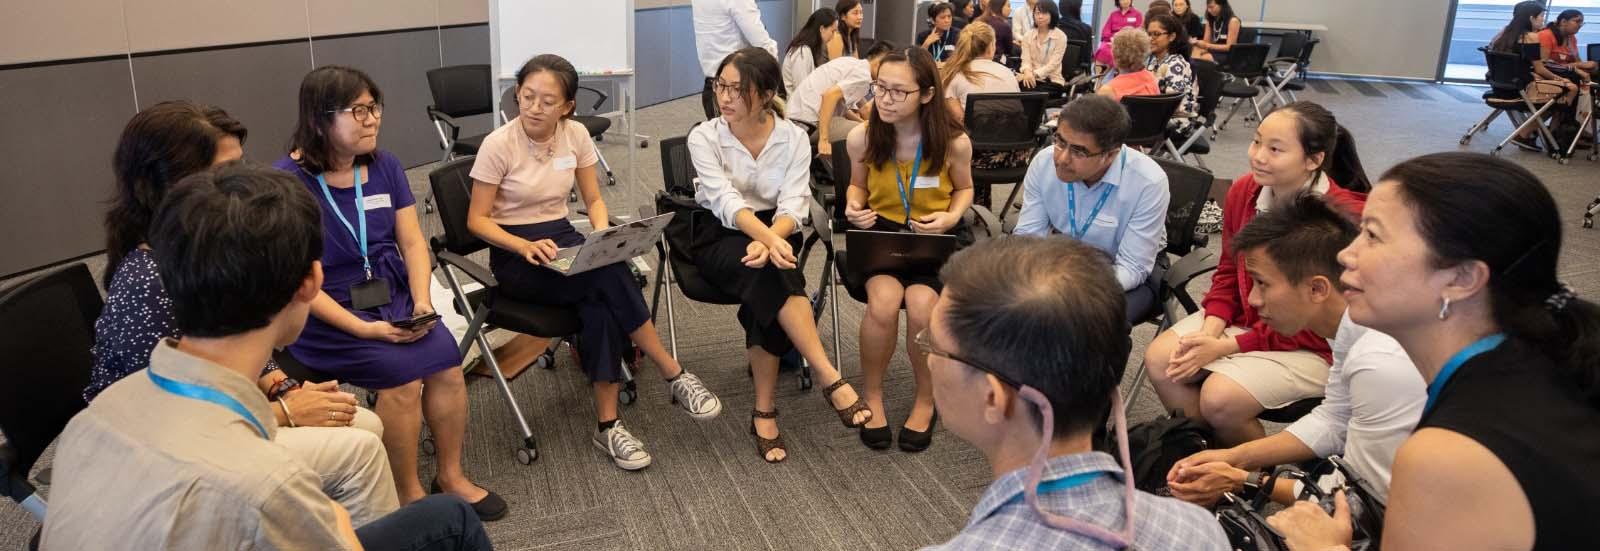 photo of focus group participants